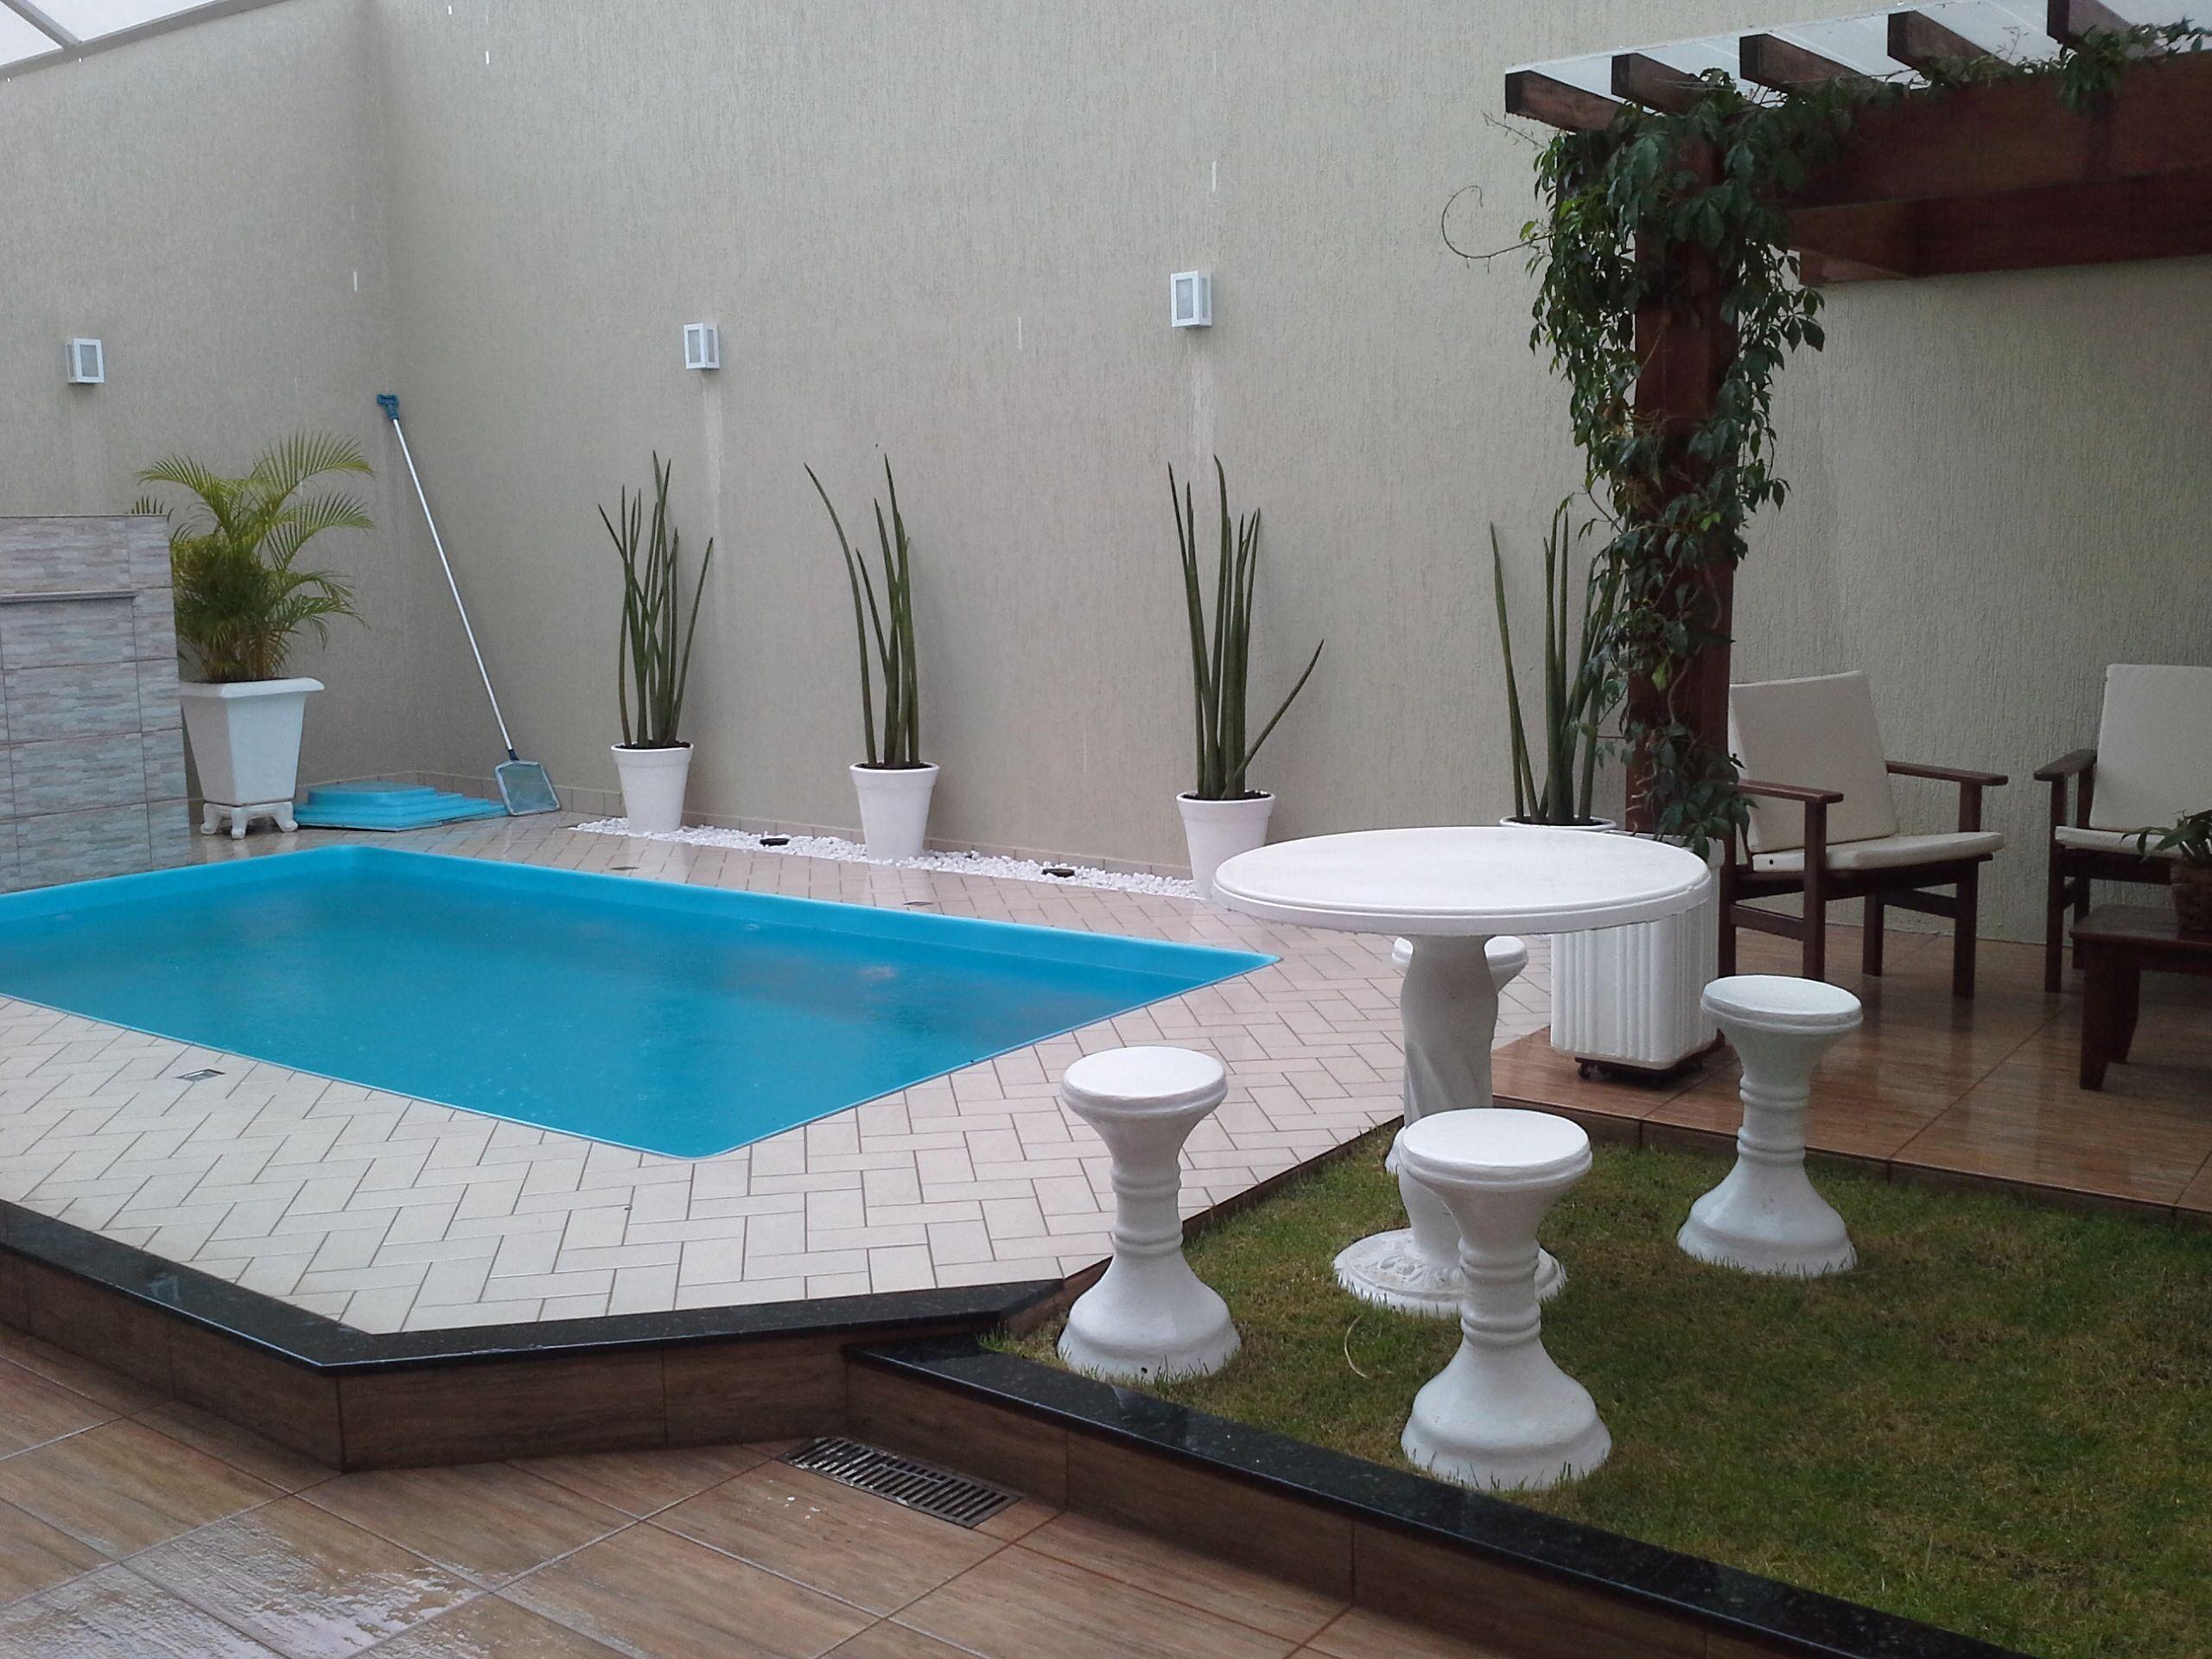 Dise o jardin piscina peque a casa dise o for Diseno de piscinas pequenas